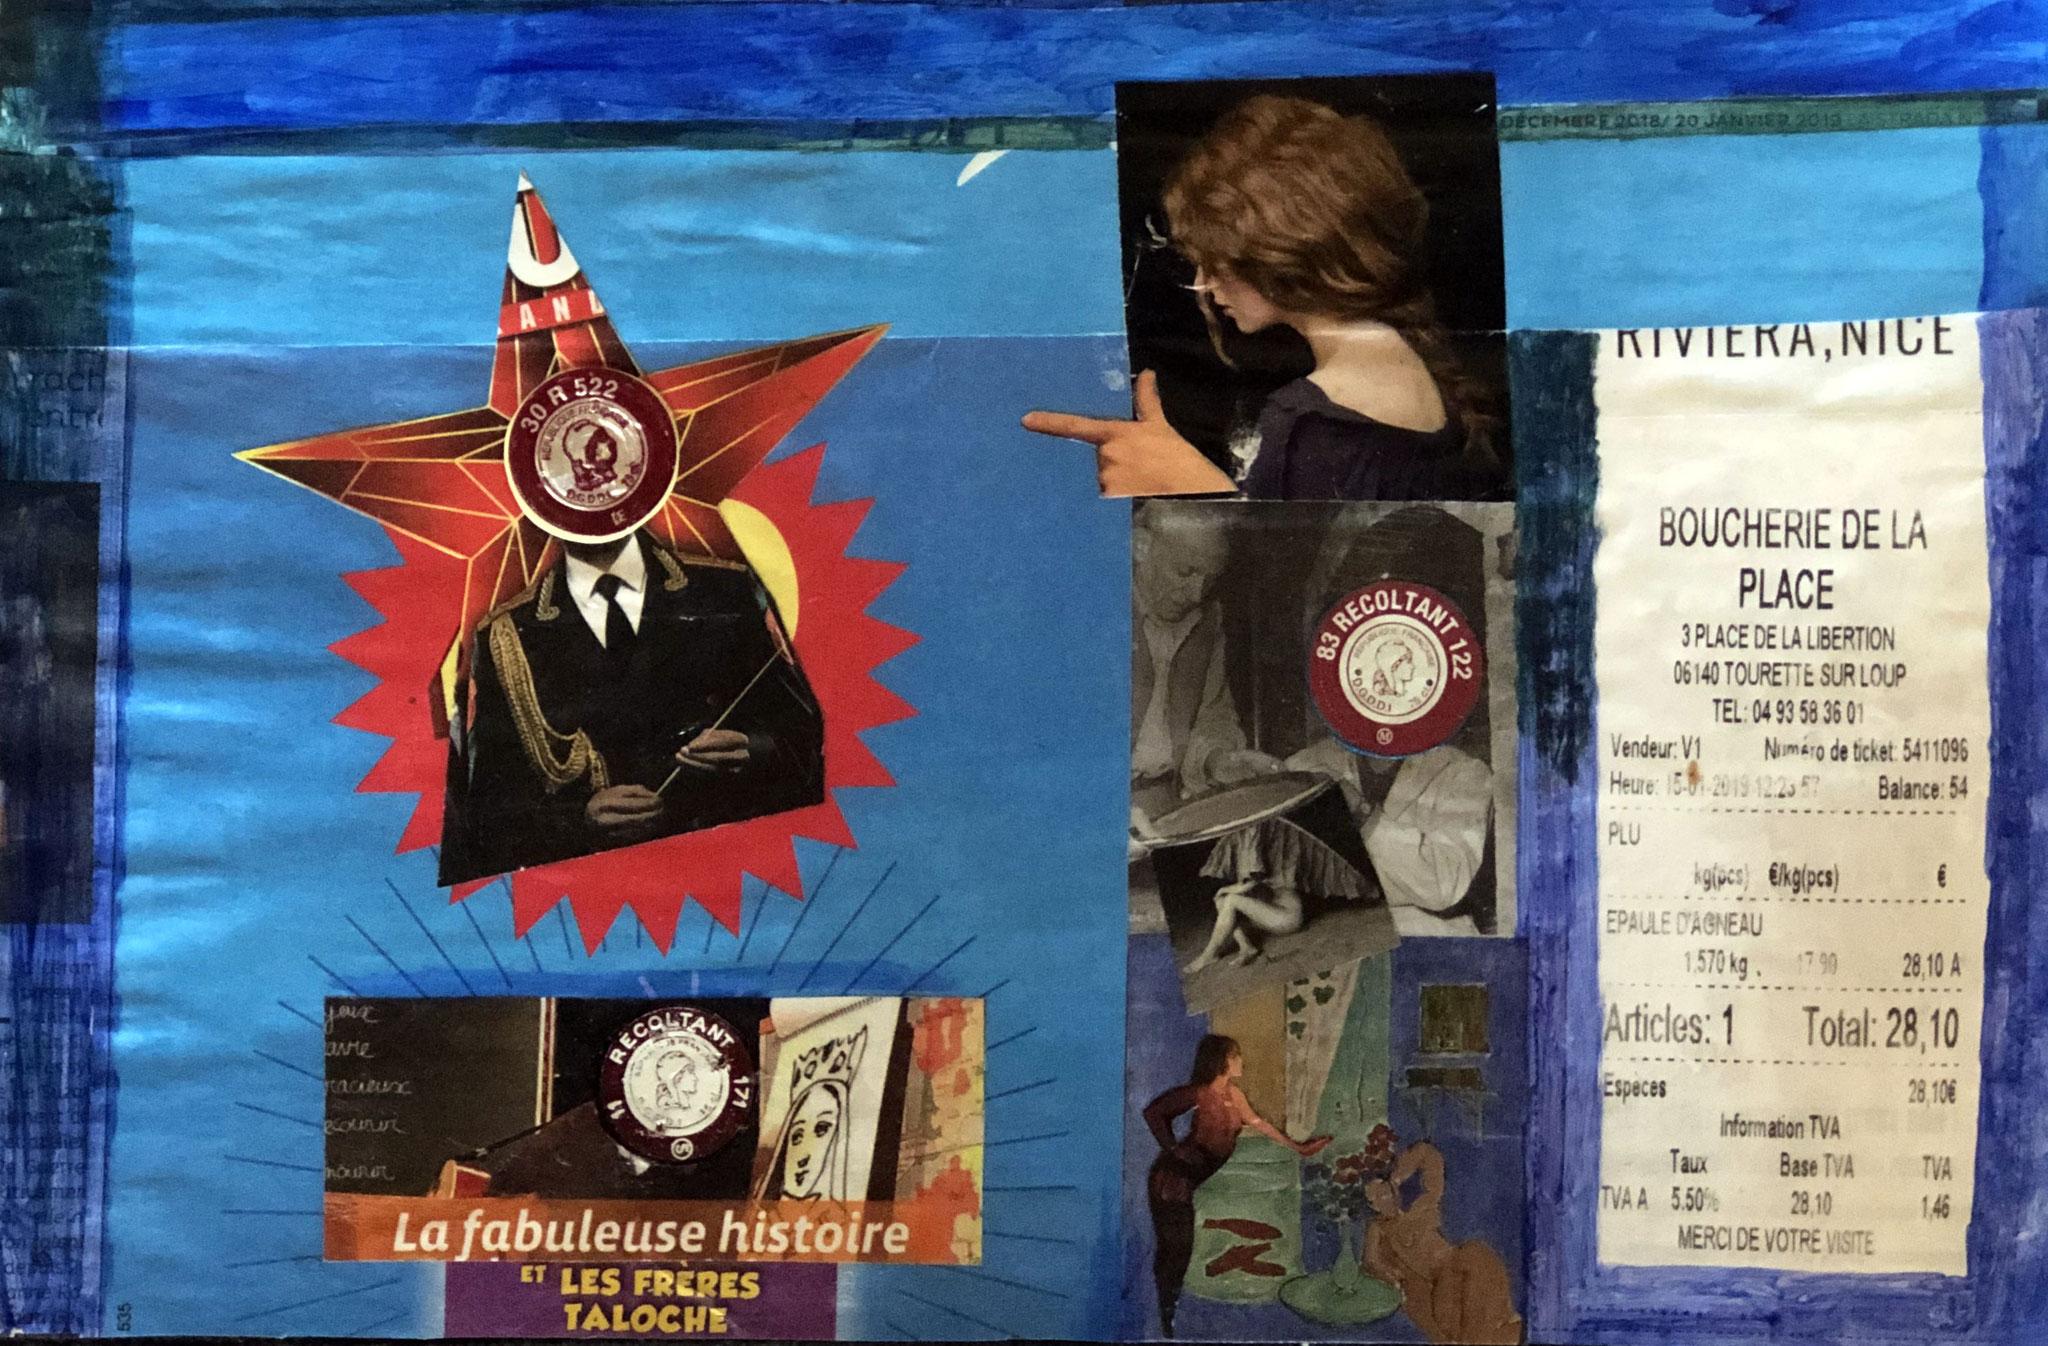 TOURRETTE S/LOUP, EPAULE D'AGNEAU    Mischtechnik auf Papiercollage - 30 x 30 cm